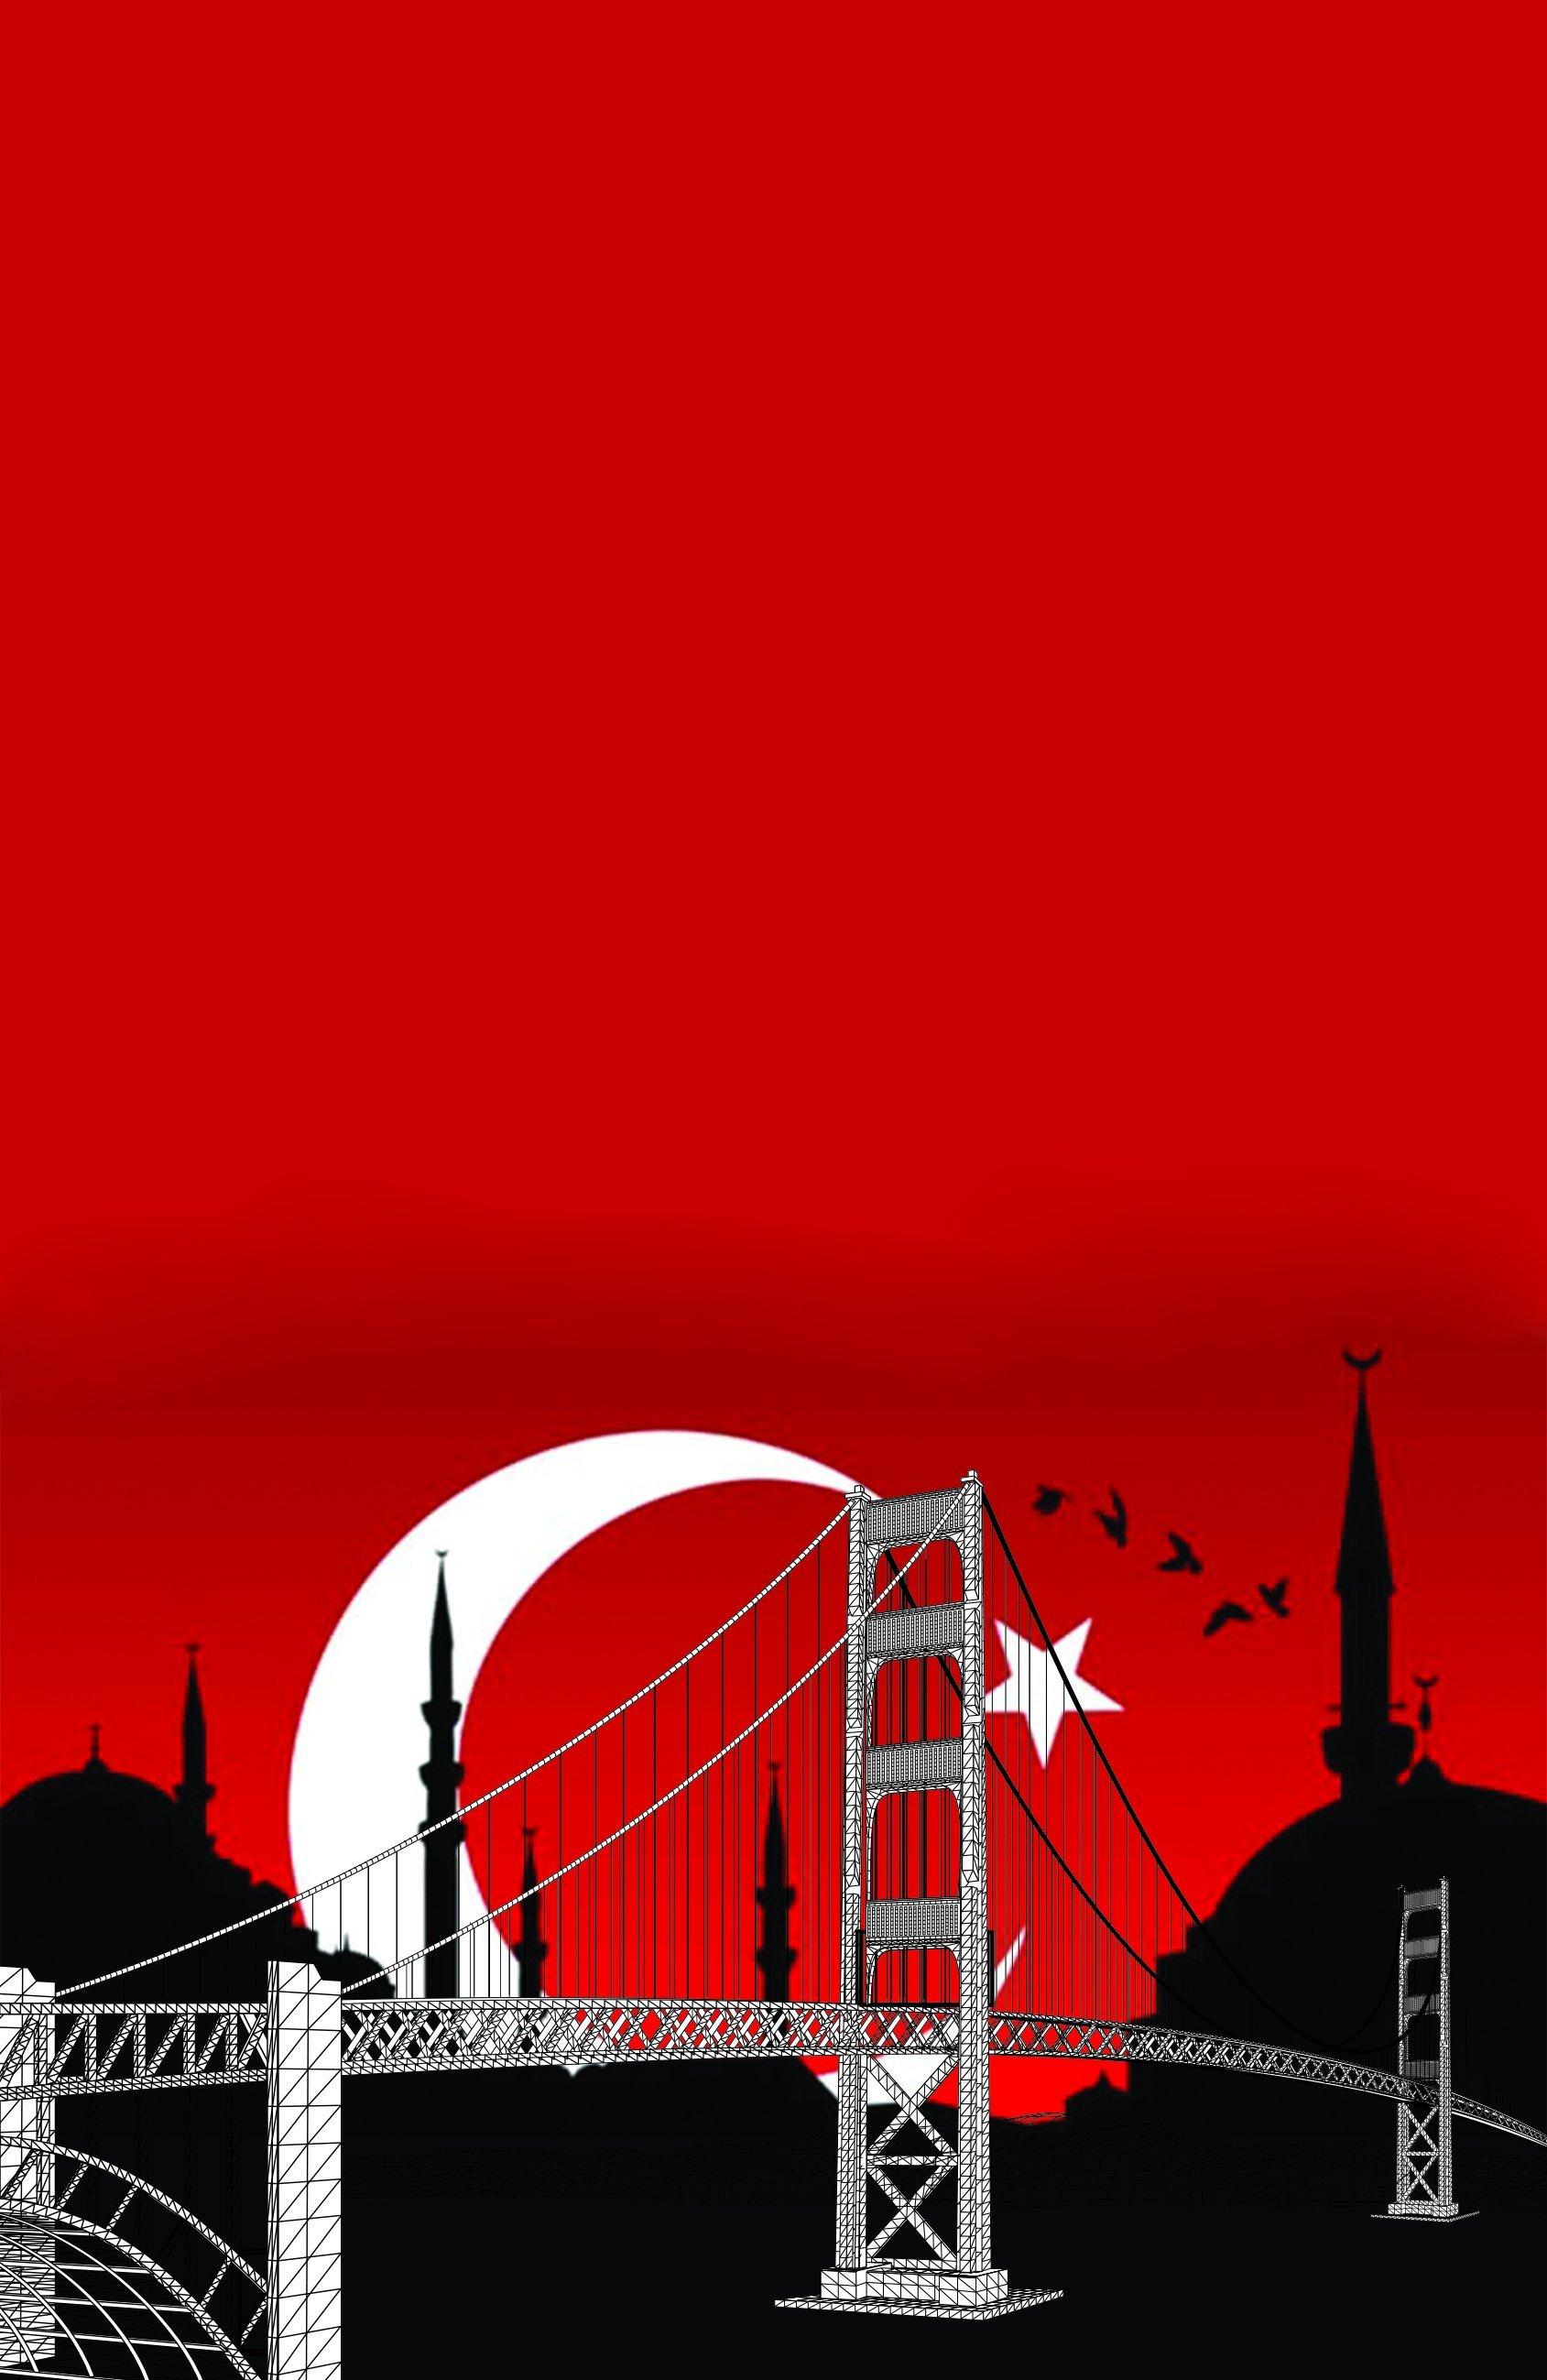 Η Τουρκία σήμερα: 14 τούρκοι συγγραφείς αναλύουν το χθες και το σήμερα της πραγματικής Τουρκίας